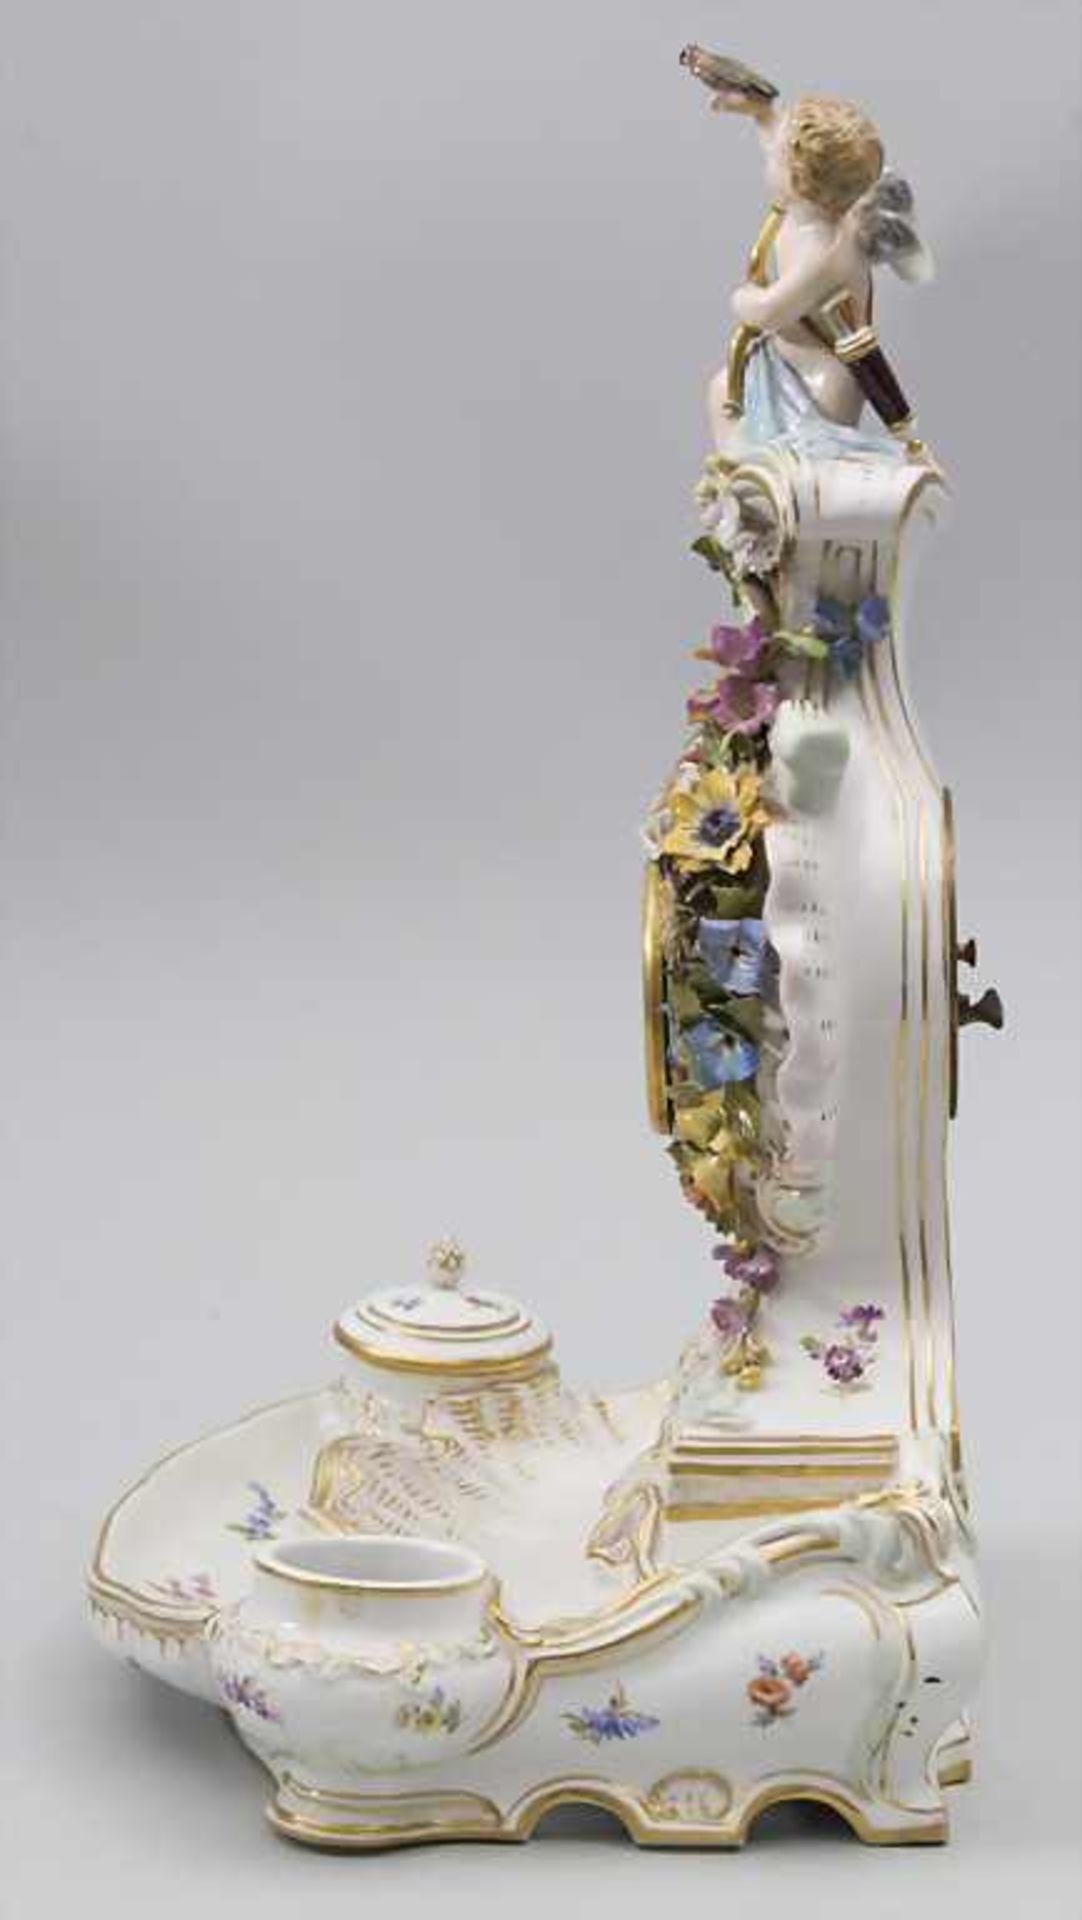 Seltene Tischuhr mit integriertem Schreibset / A rare porcelain table clock with integrated - Bild 16 aus 16